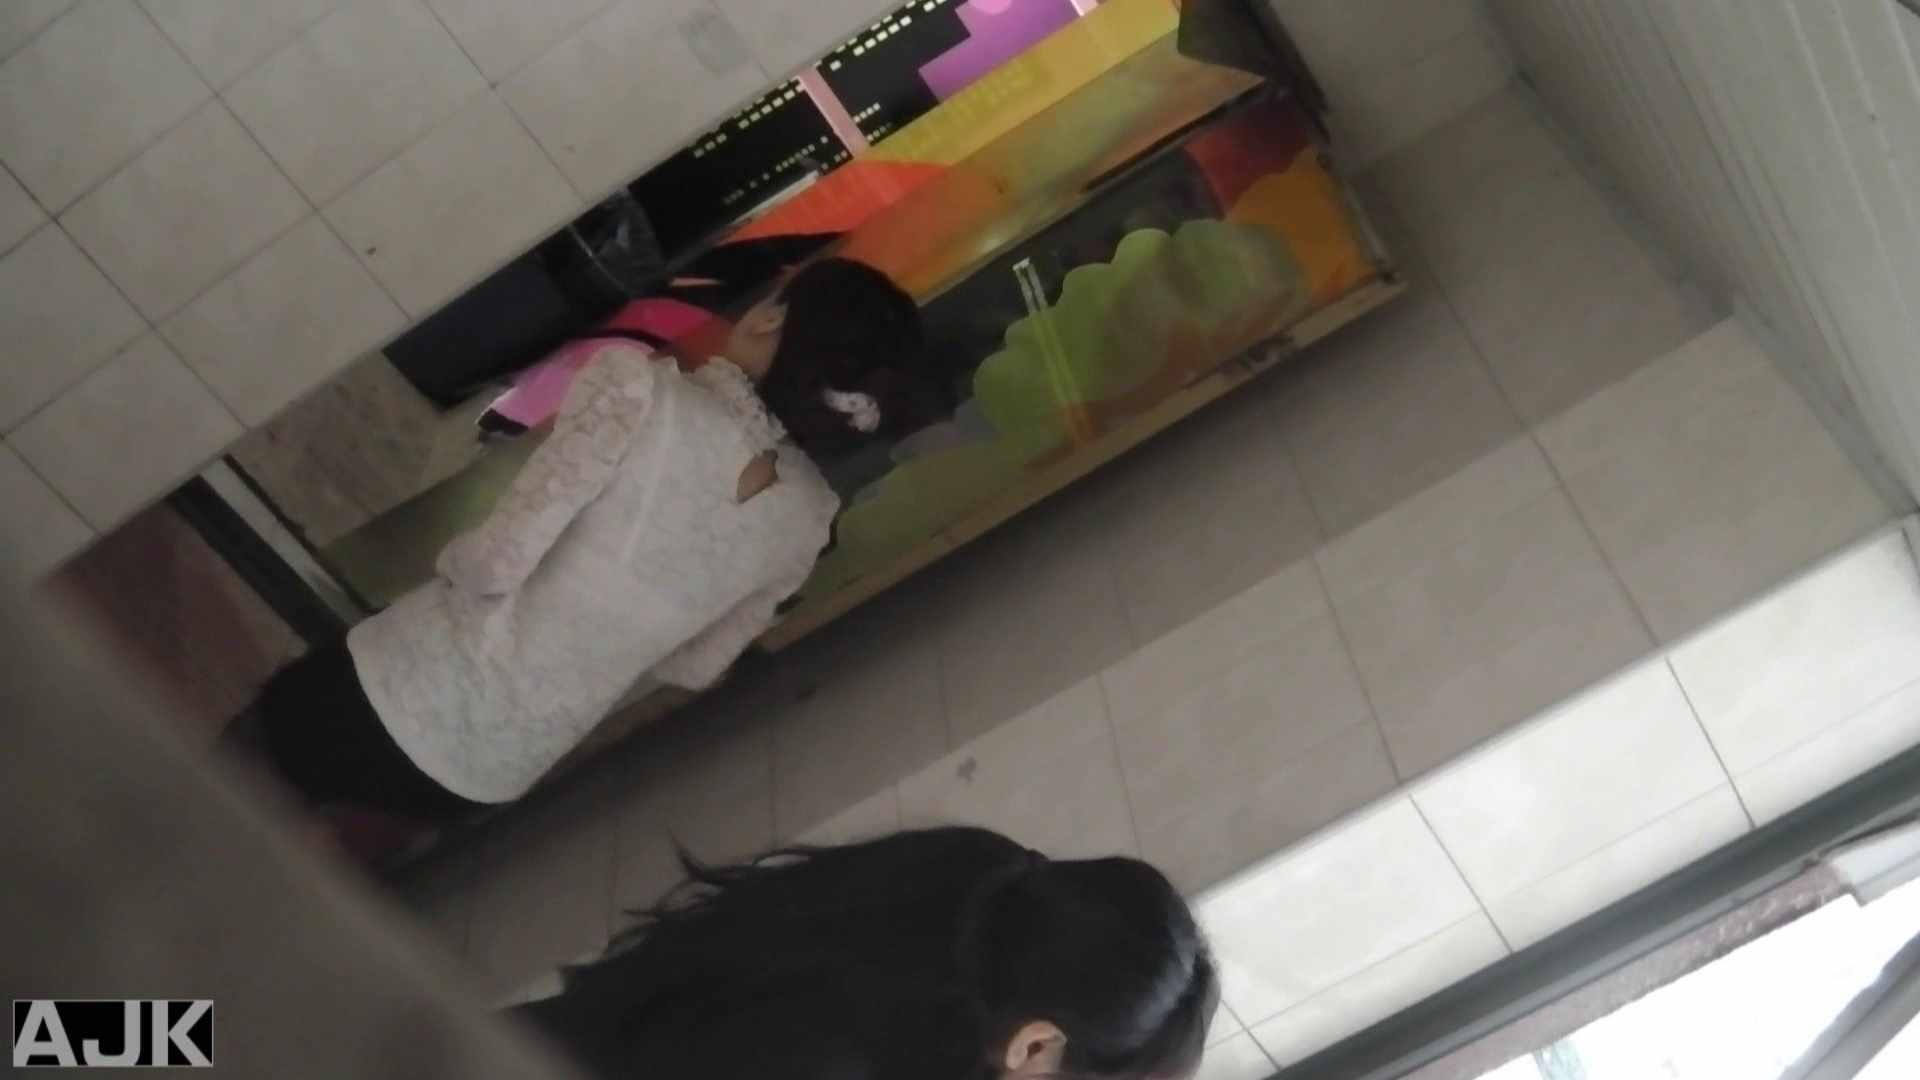 隣国上階級エリアの令嬢たちが集うデパートお手洗い Vol.09 お手洗い  62PIX 10